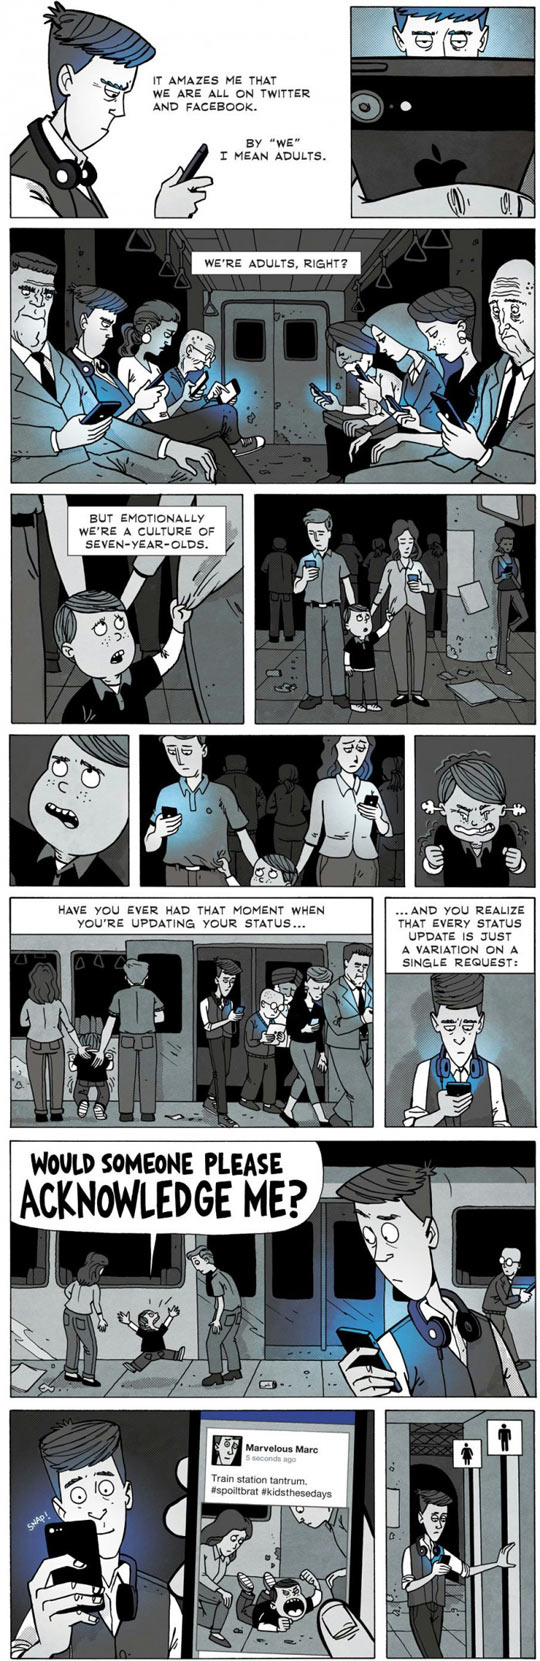 funny-comic-adults-phone-Internet